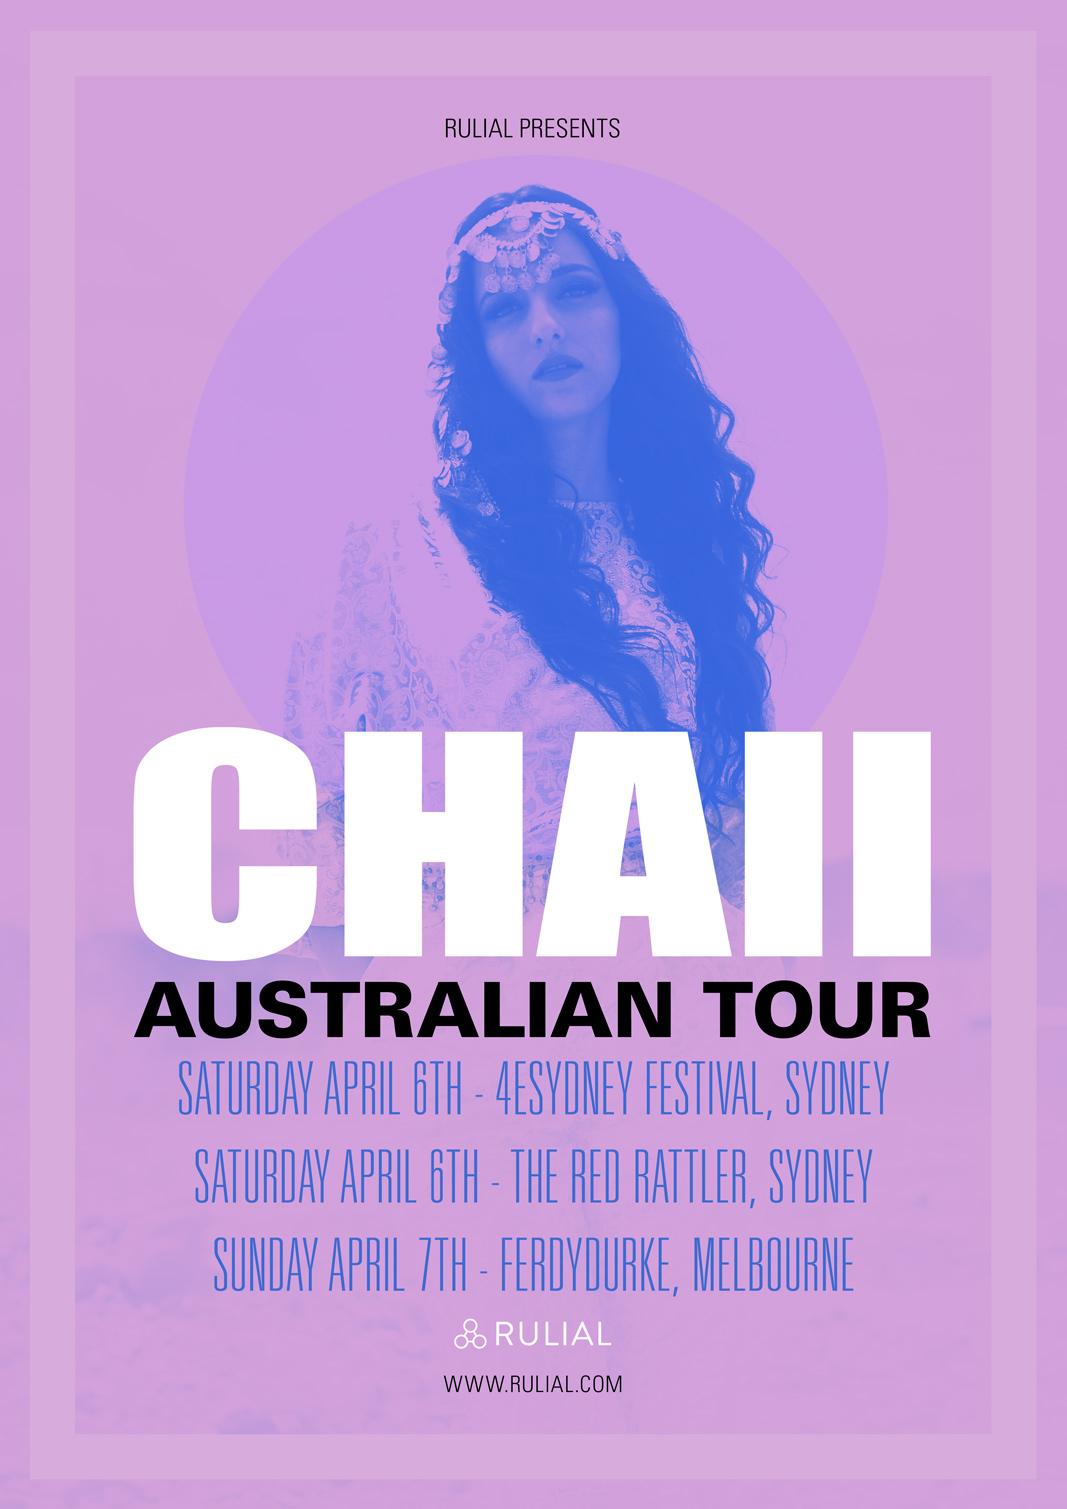 CHAII AUSTRALIAN TOUR